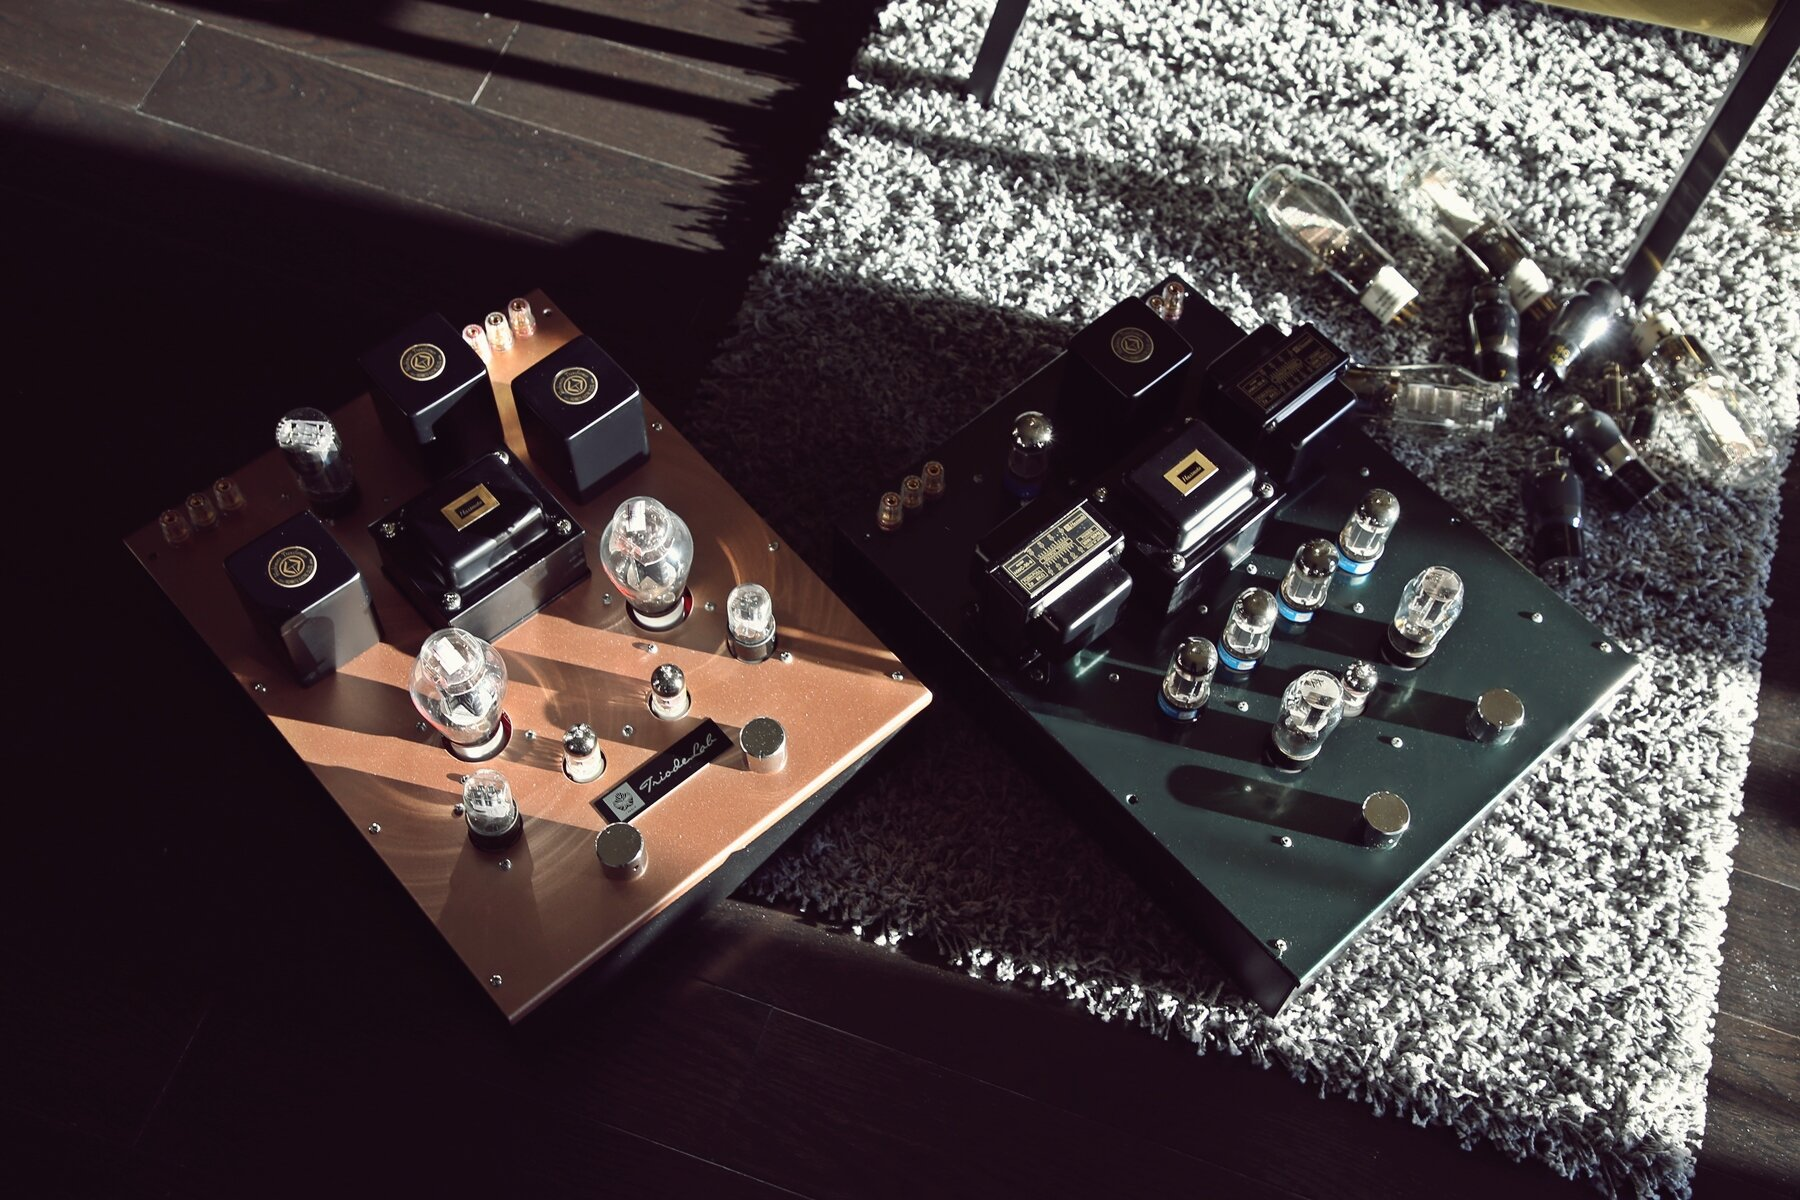 Triode Lab 2A3 EVO  Integrate ( Copper Metallic ) vs  Finale Audio Sesto Elemento FFX  ( British Racing Green )